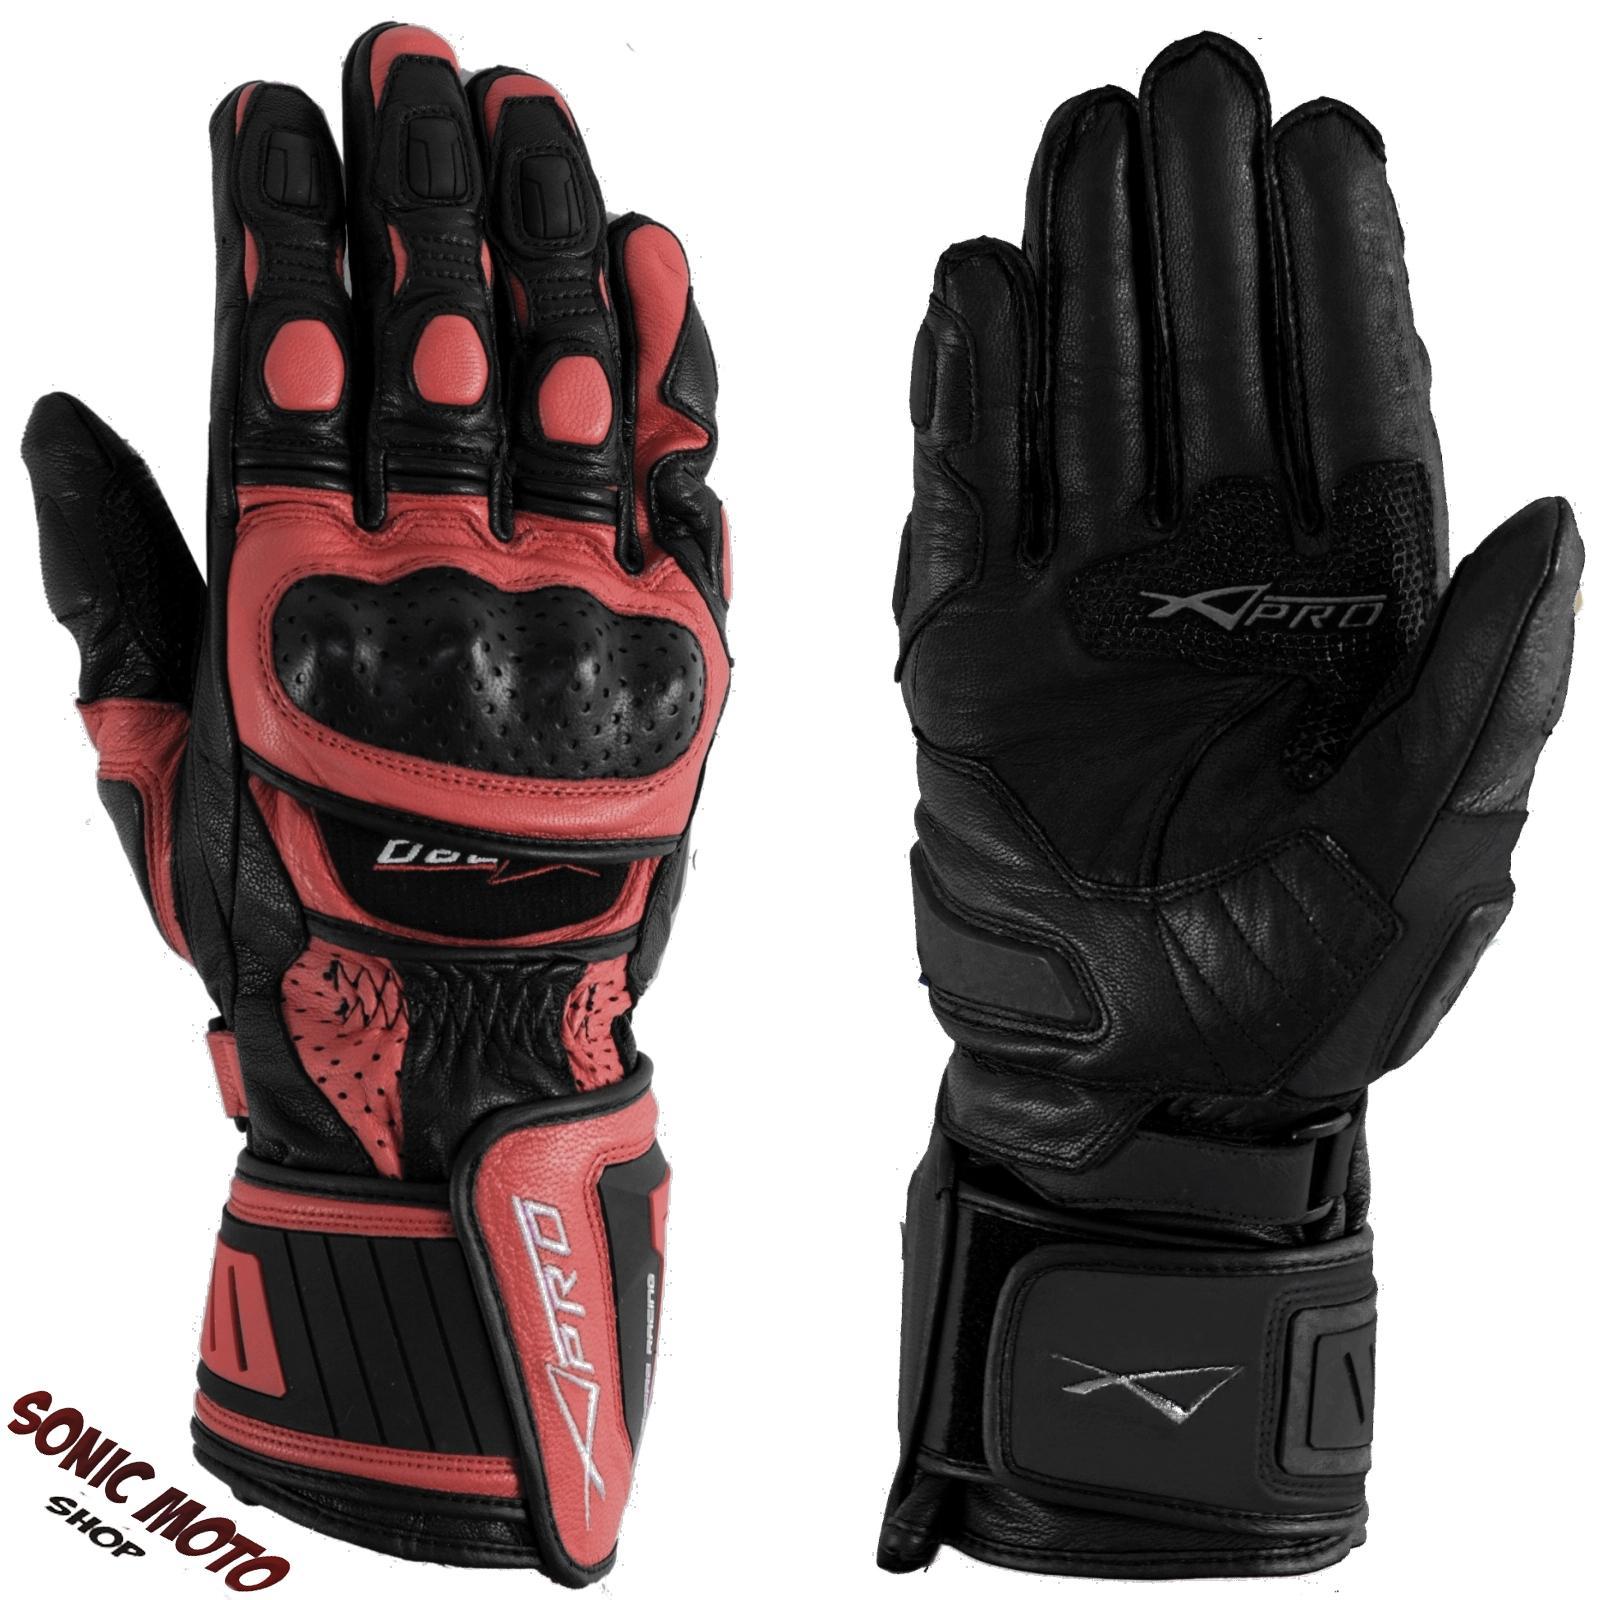 Guanto-Pista-Racing-Sport-Protezioni-Tecnico-Professionali-Pelle-Moto-Rosso